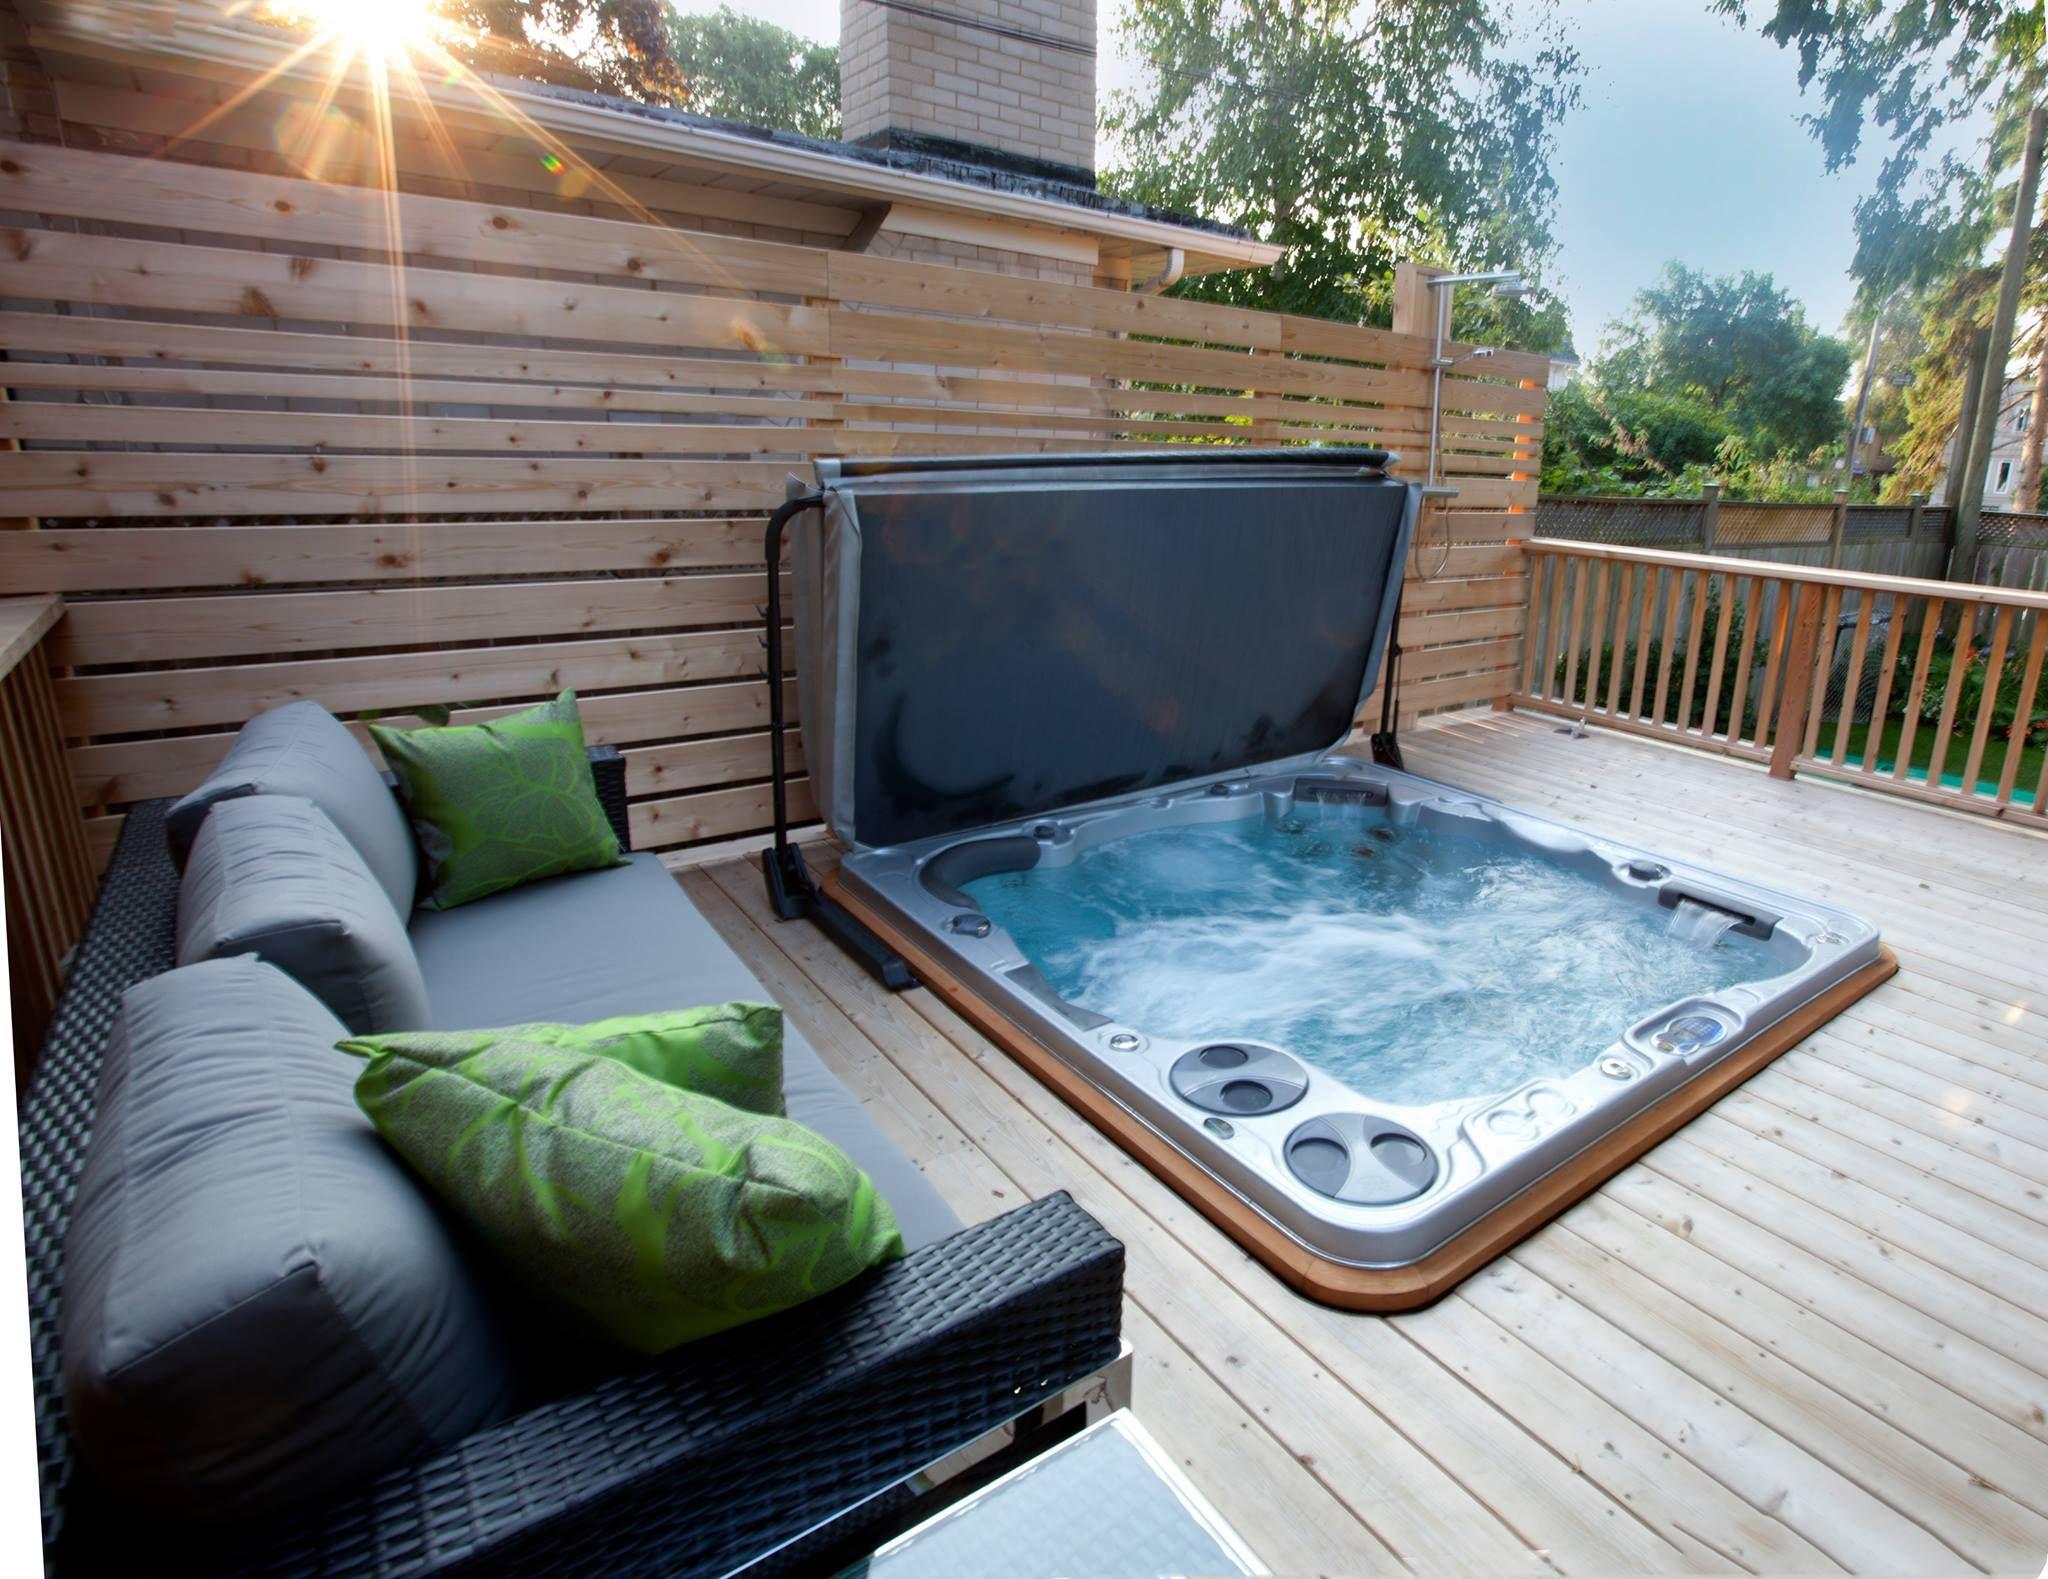 Spa infinity h695 encastr dans une terrasse en bois for Exemple piscine exterieure